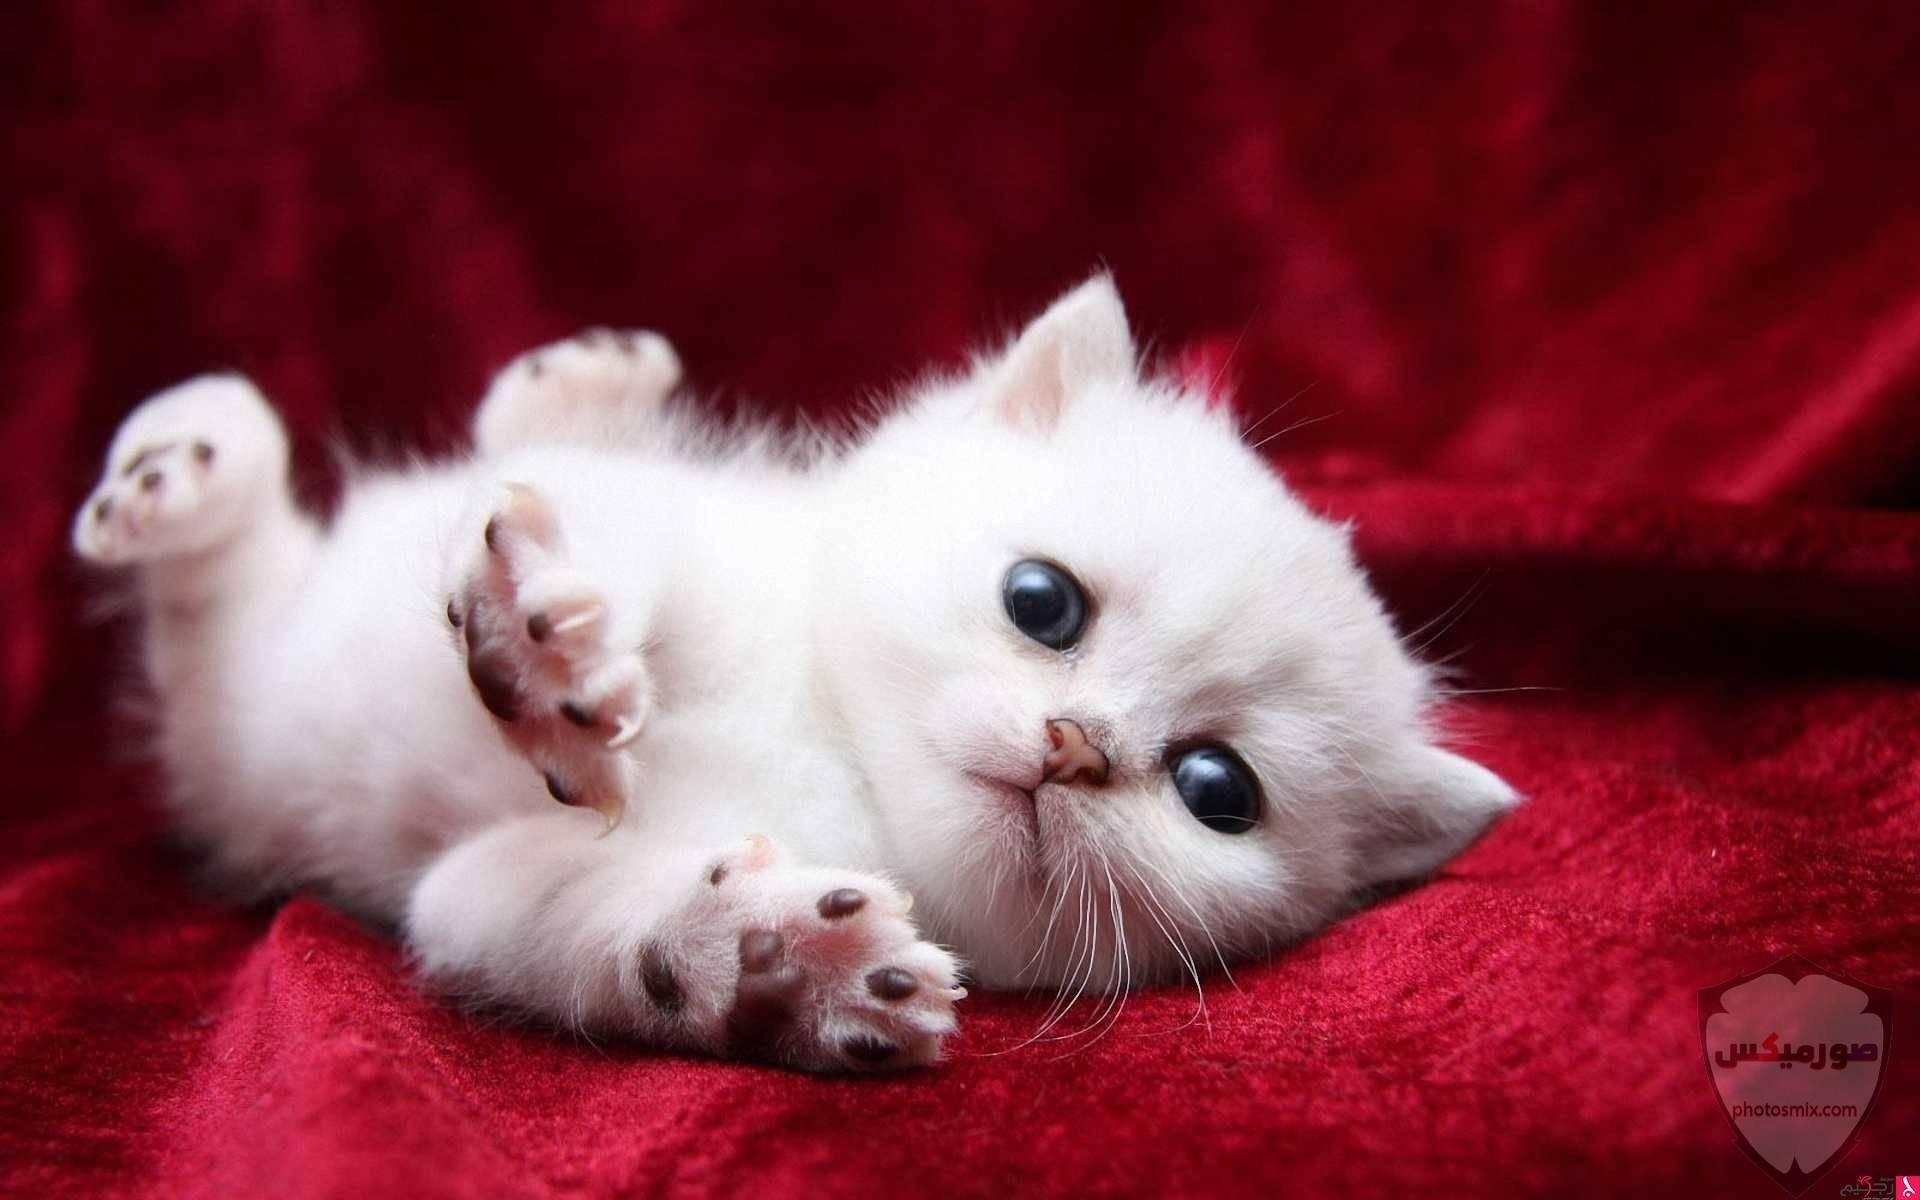 صور خلفيات رمزيات قطط كيوت صورة قطة كيوت جدا 23